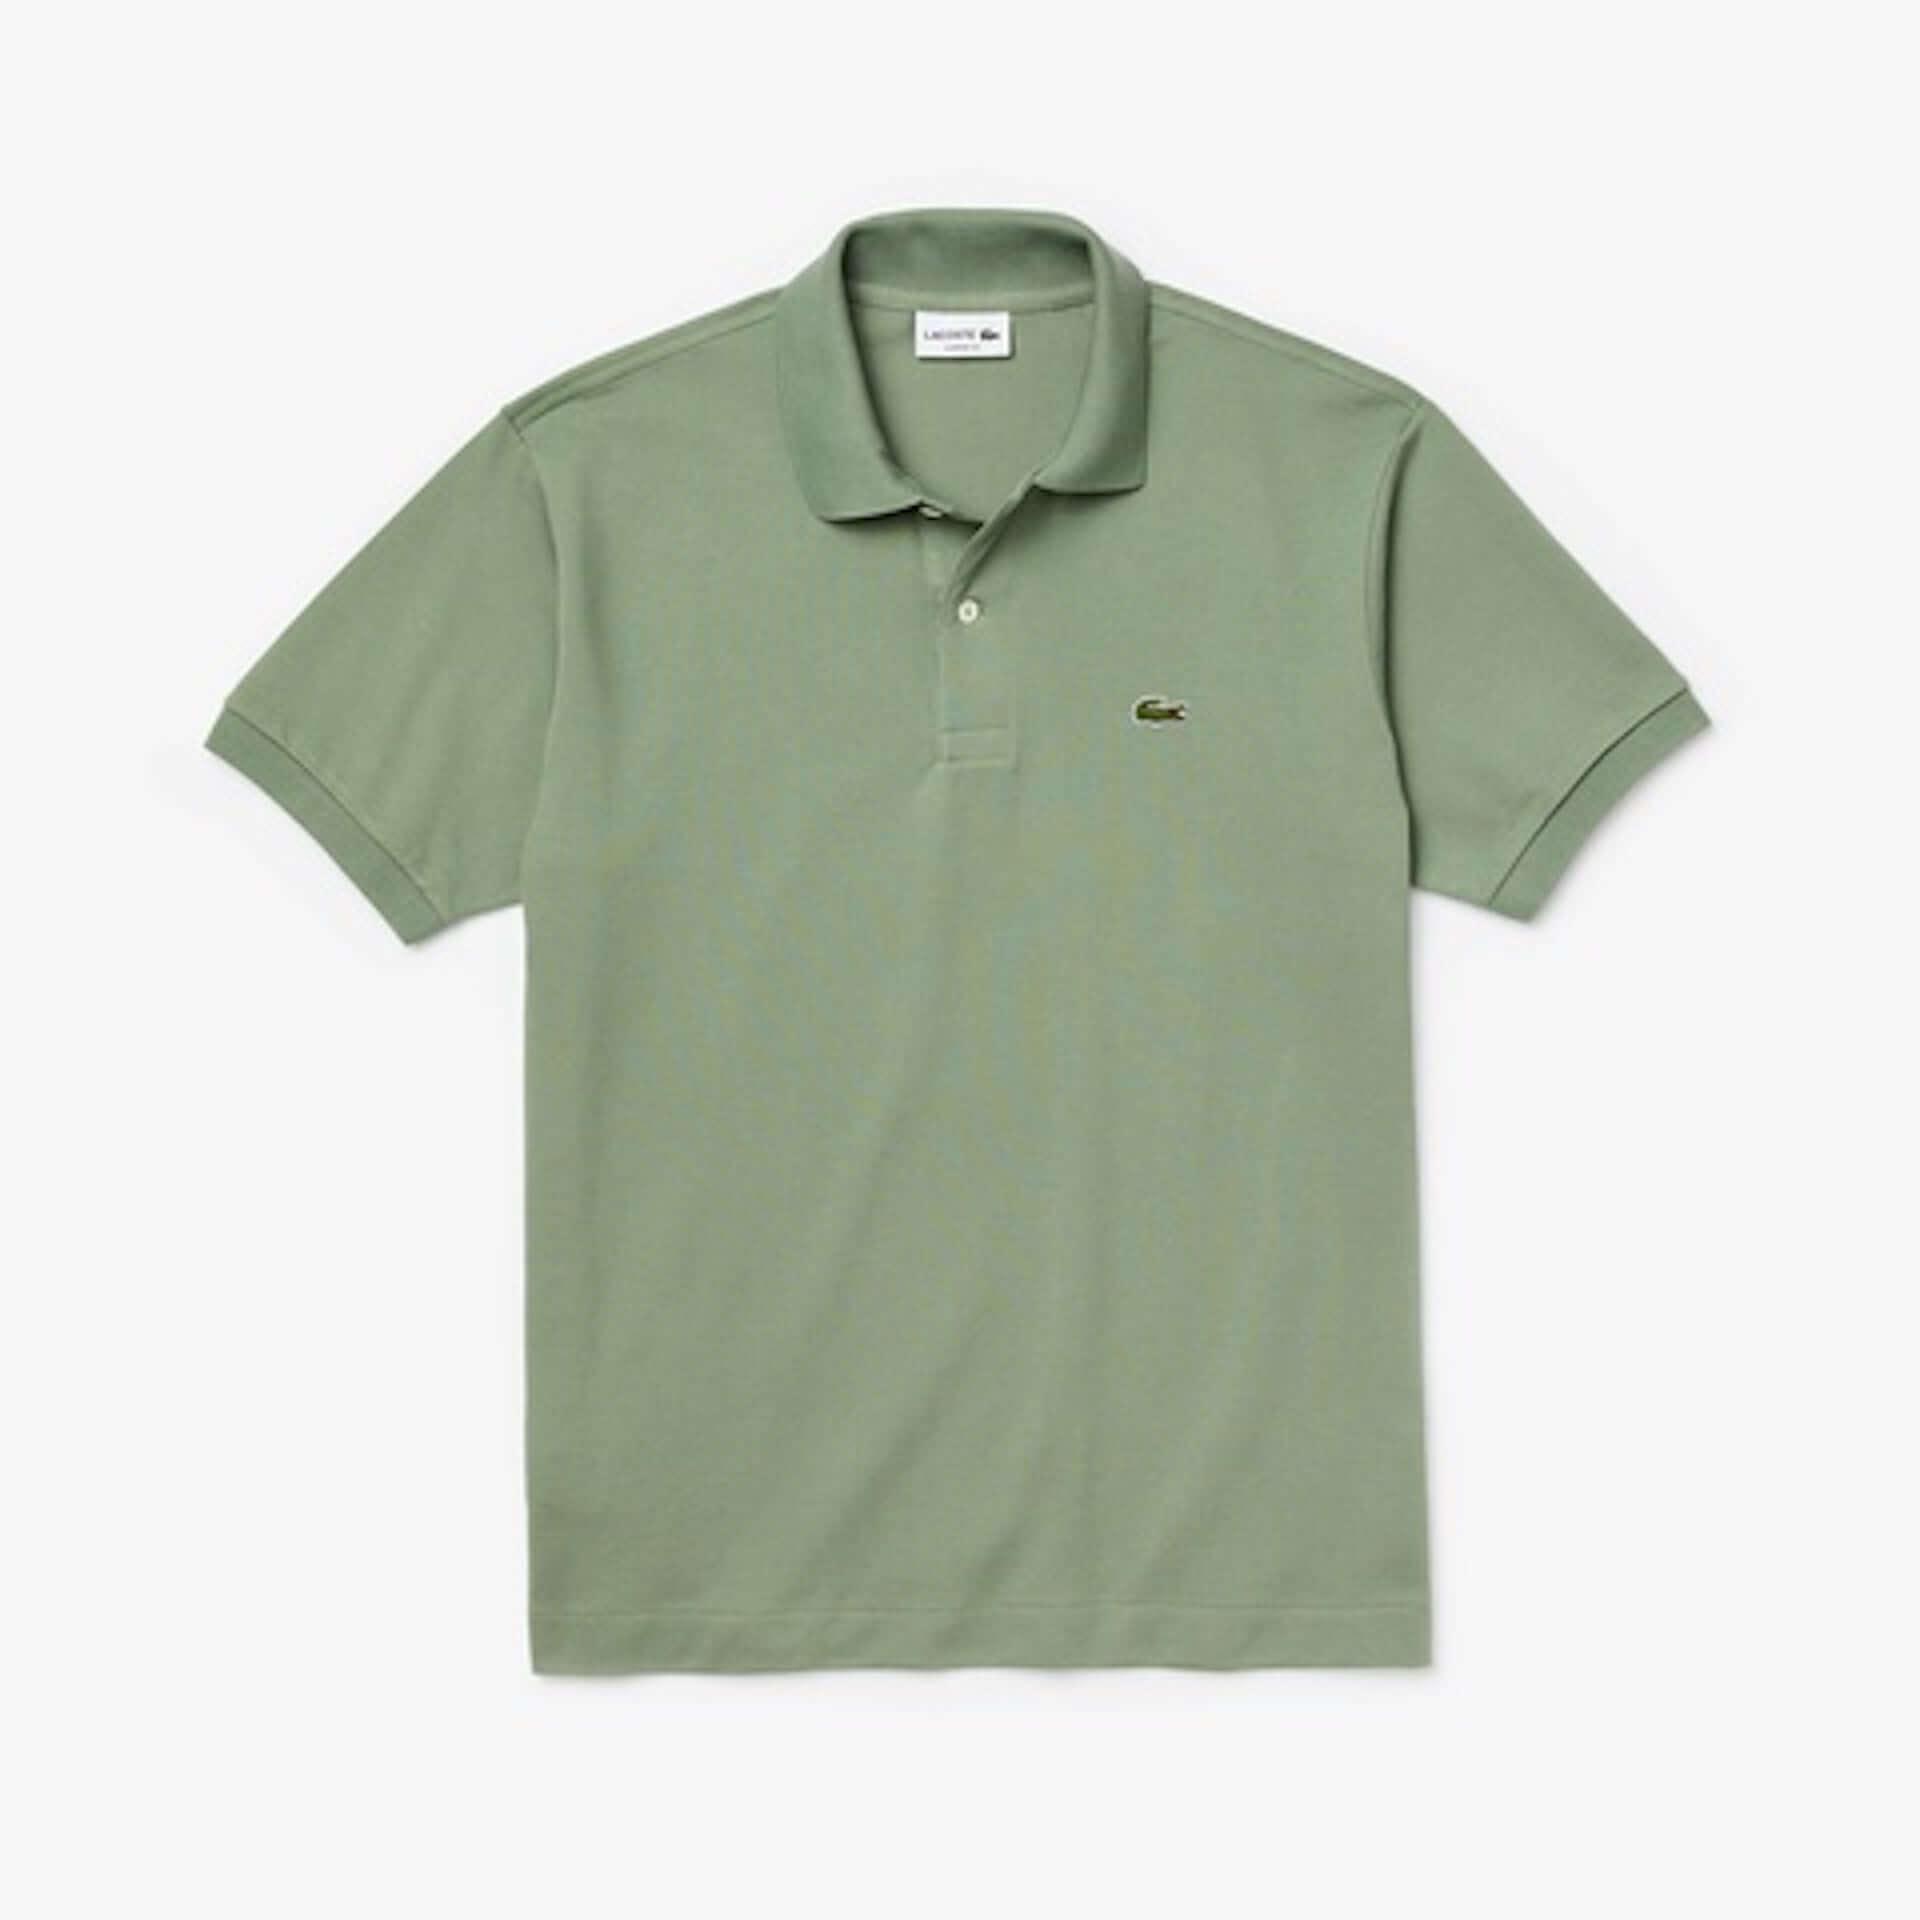 ラコステから春夏シーズンカラーの新作ポロシャツが登場!定番のワニロゴポロシャツやポロドレスも lf200519_lacoste_10-1920x1920